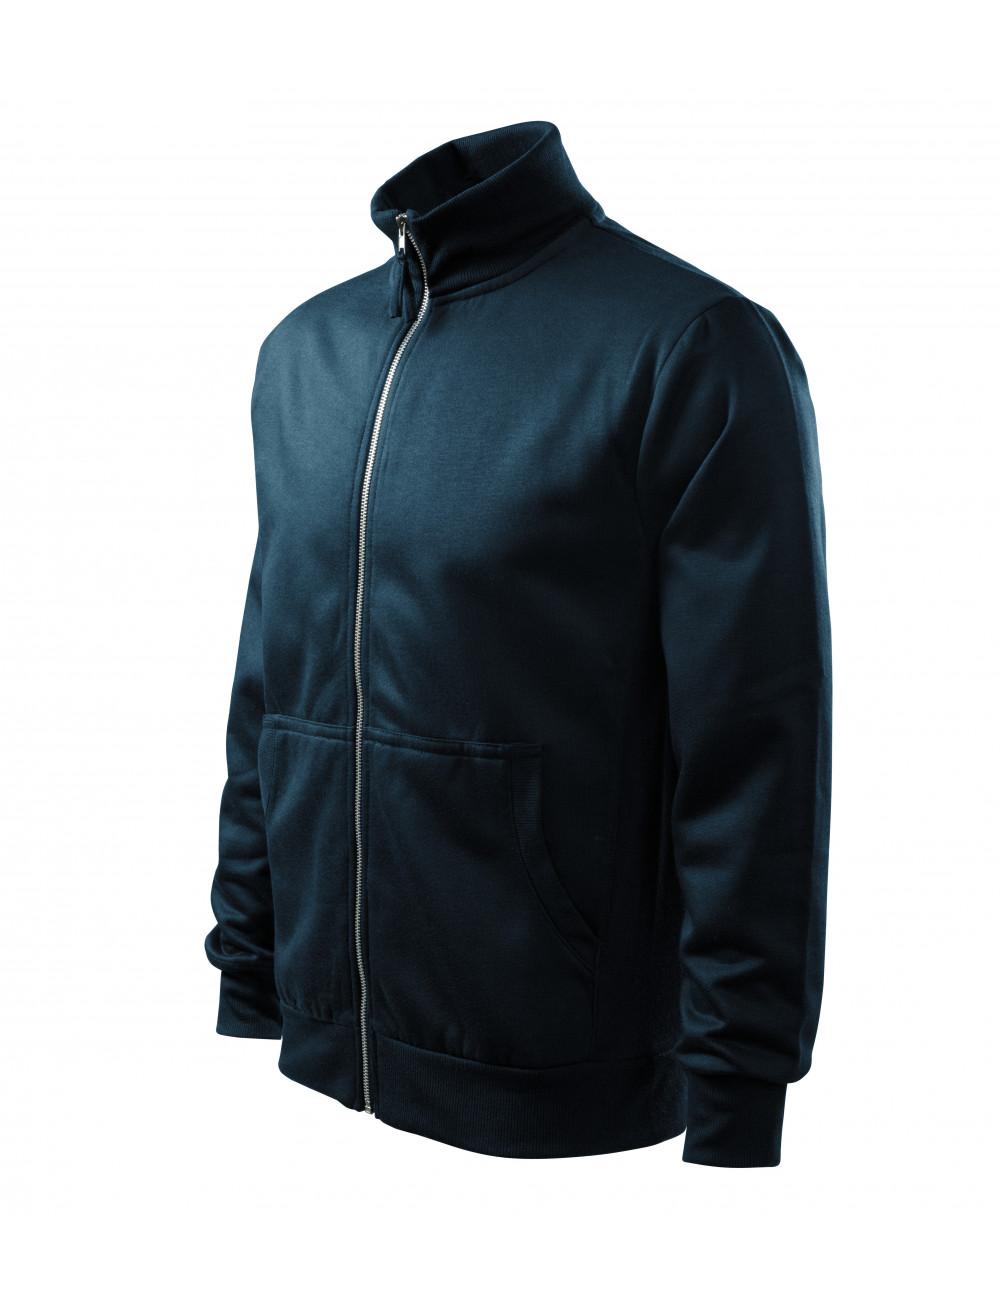 Bluzy męskie granatowe dowolny nadruk